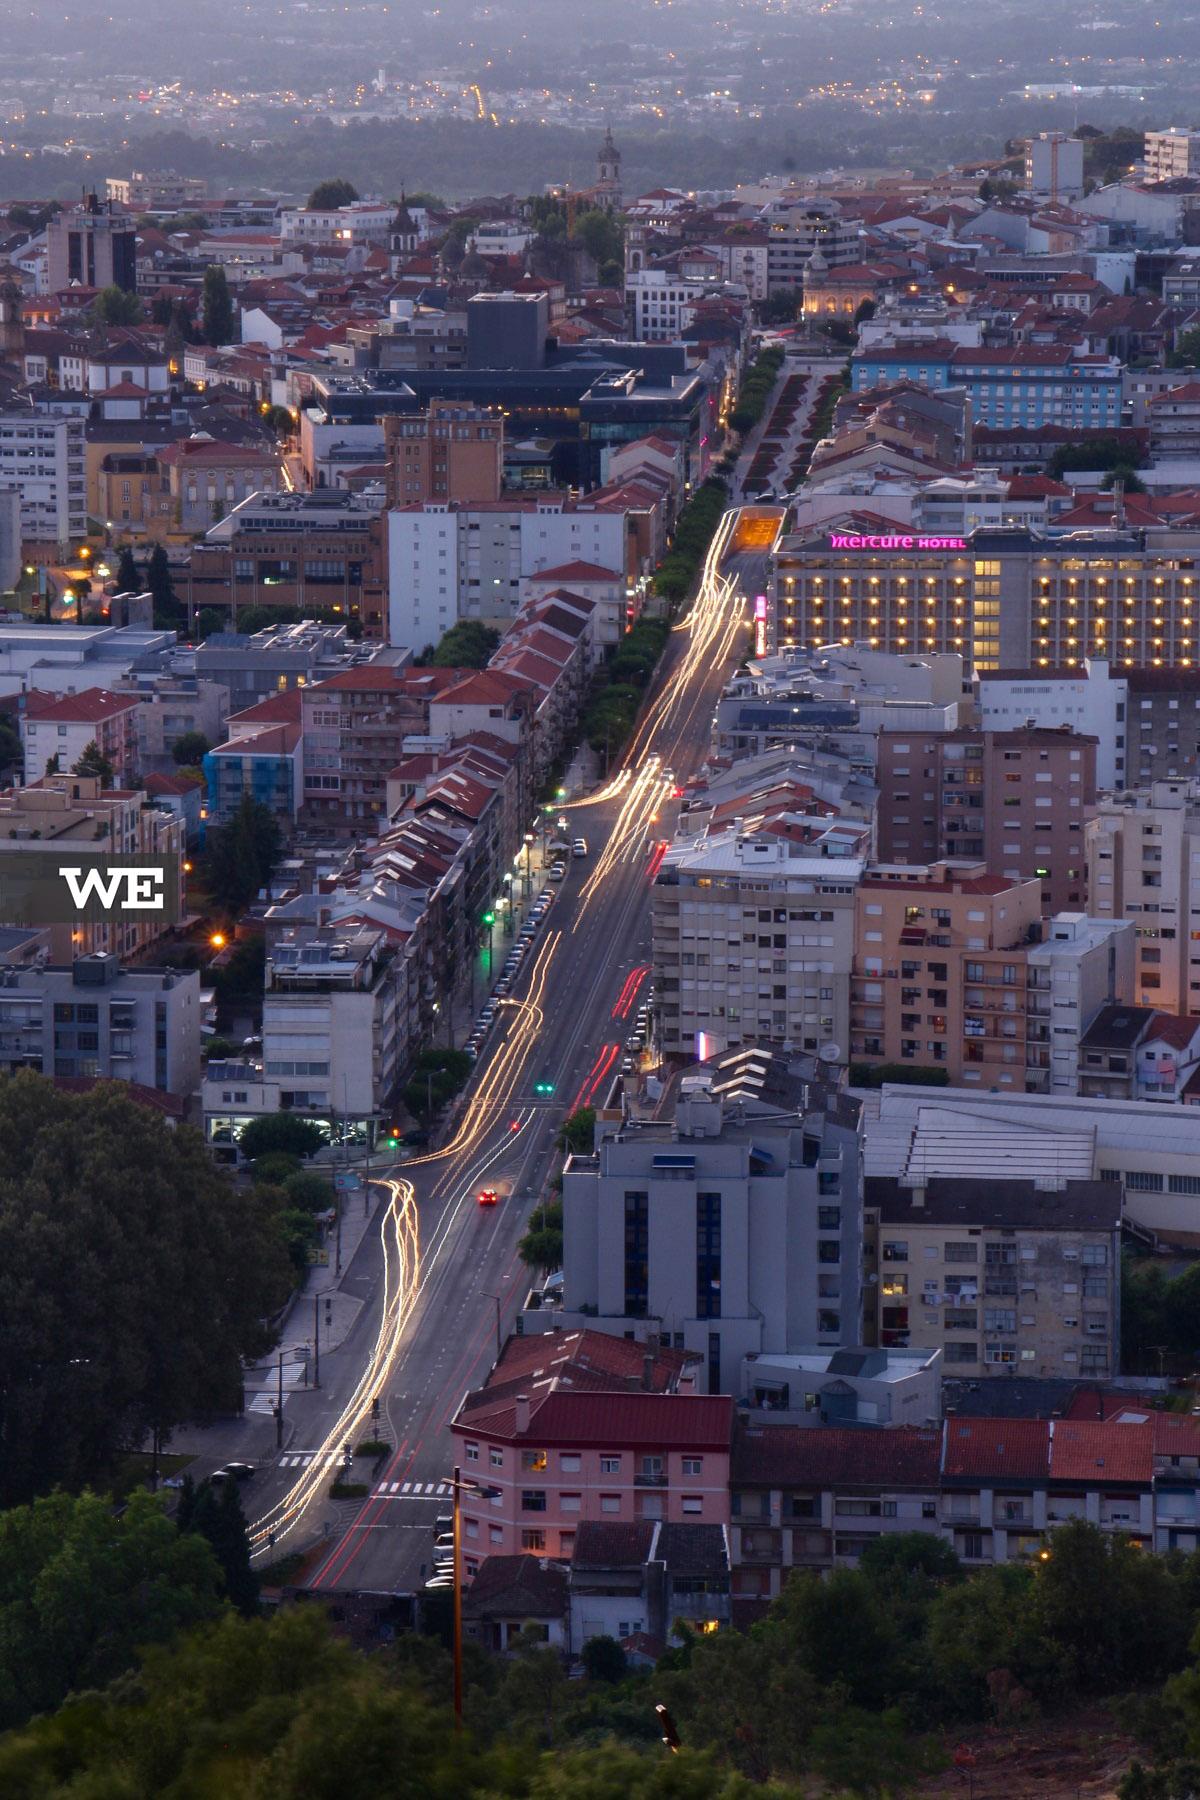 Vista do miradouro do Monte do Picoto, onde se tem uma vista privilegiada para a Avenida da Liberdade